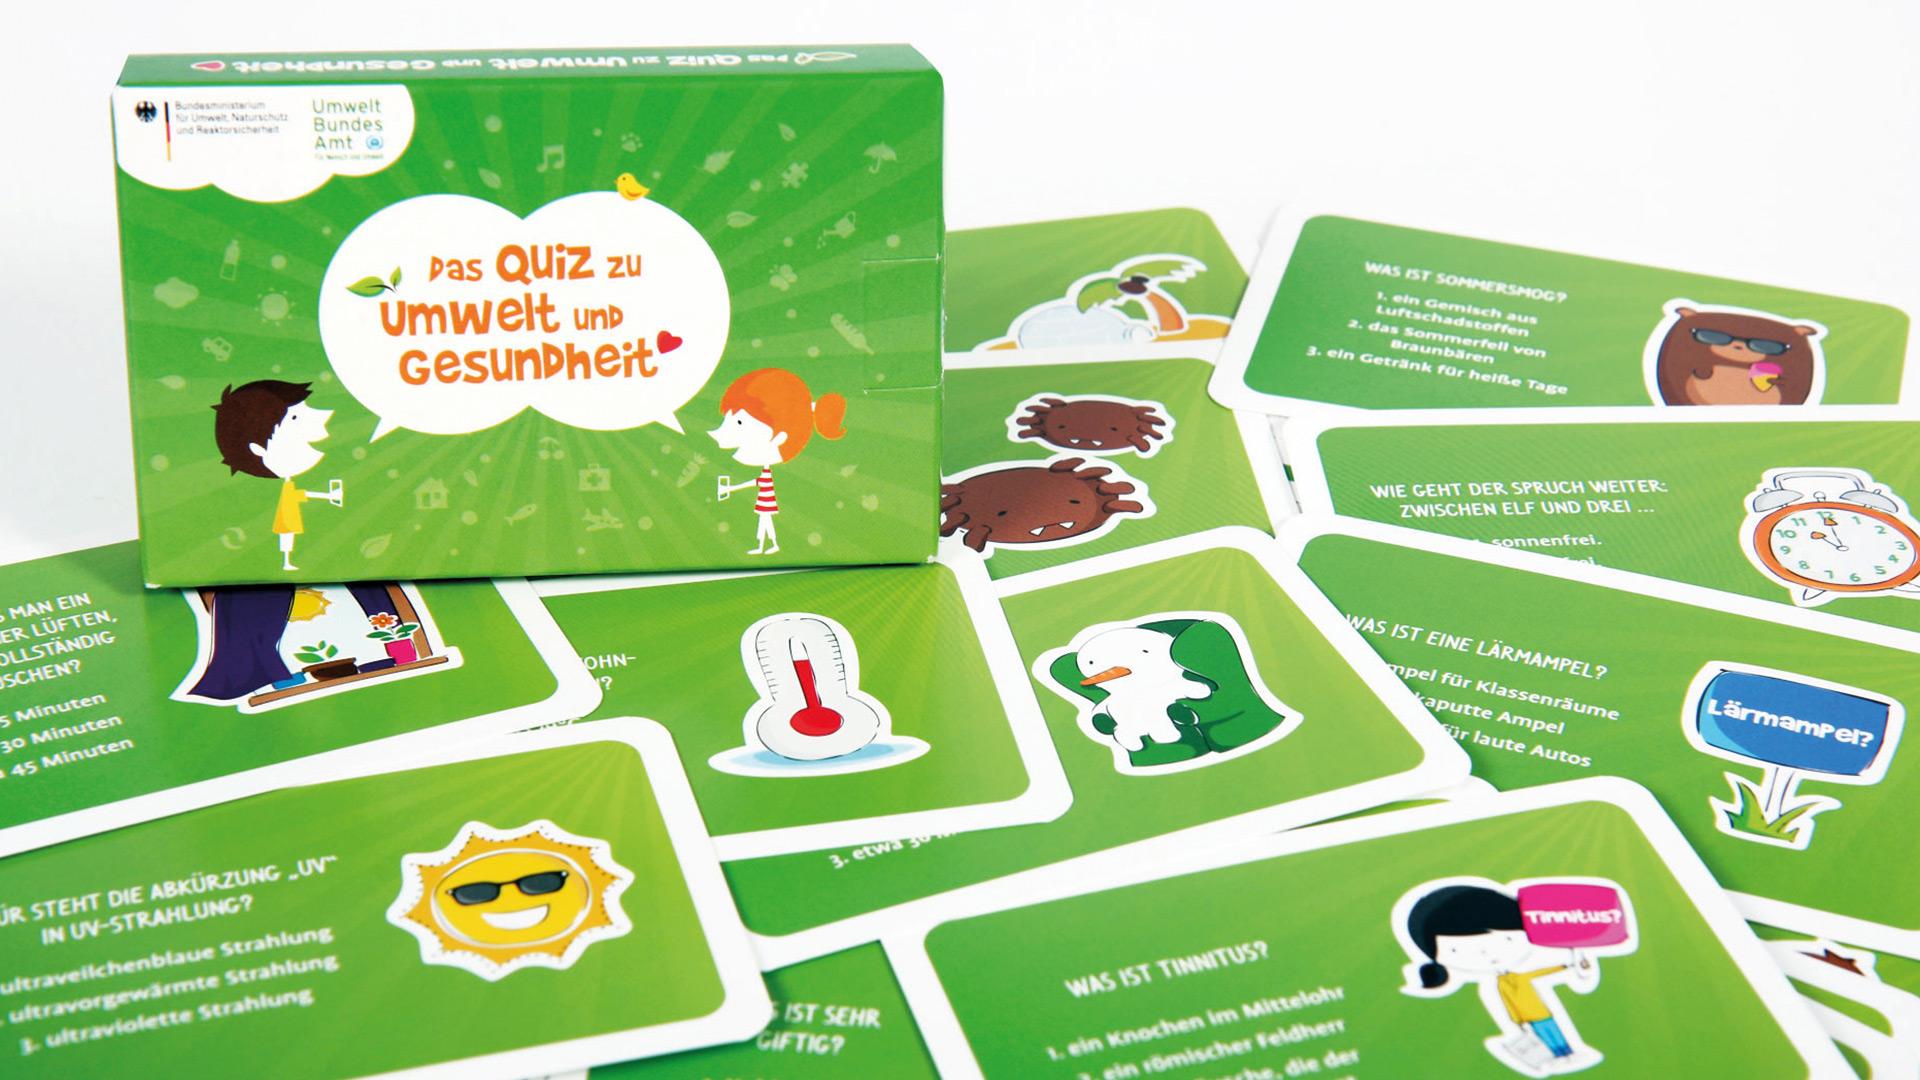 Illustration publicgarden | Umweltbundesamt: Umweltquiz für Kinder